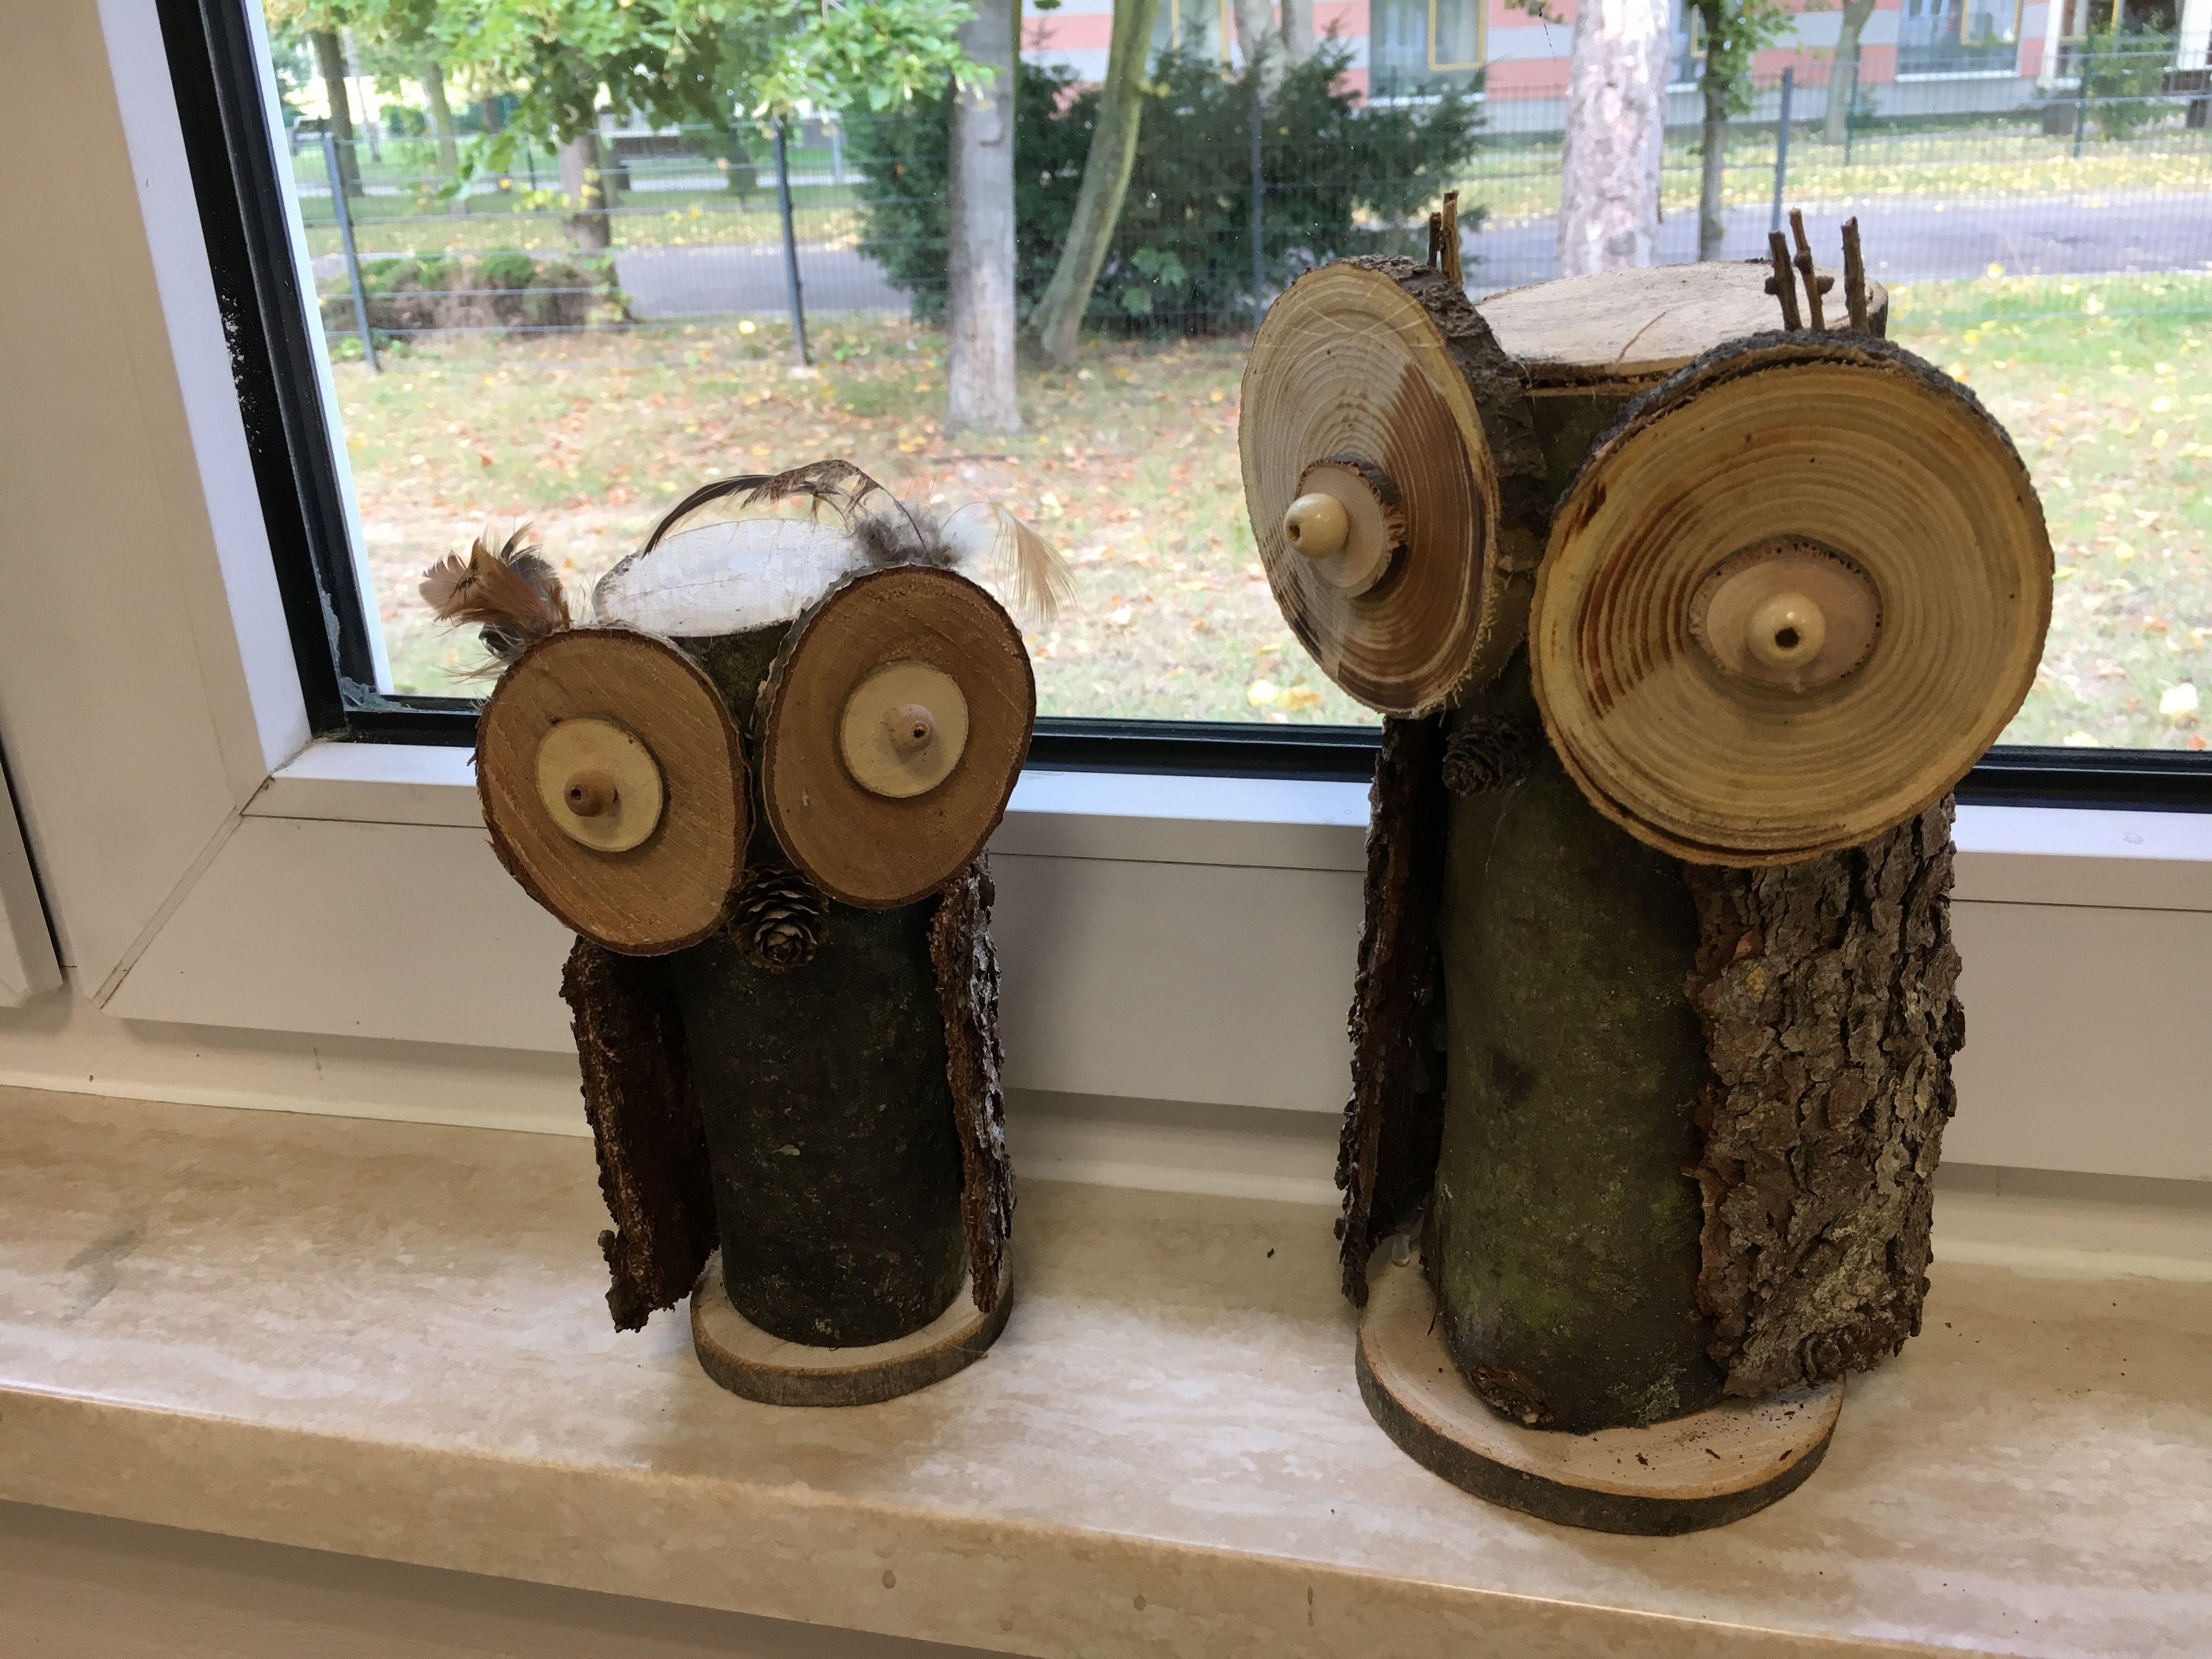 Eulen Aus Holz Und Rinde Rinde Eule Eulen Aus Holz Kreatives Gestalten Eule